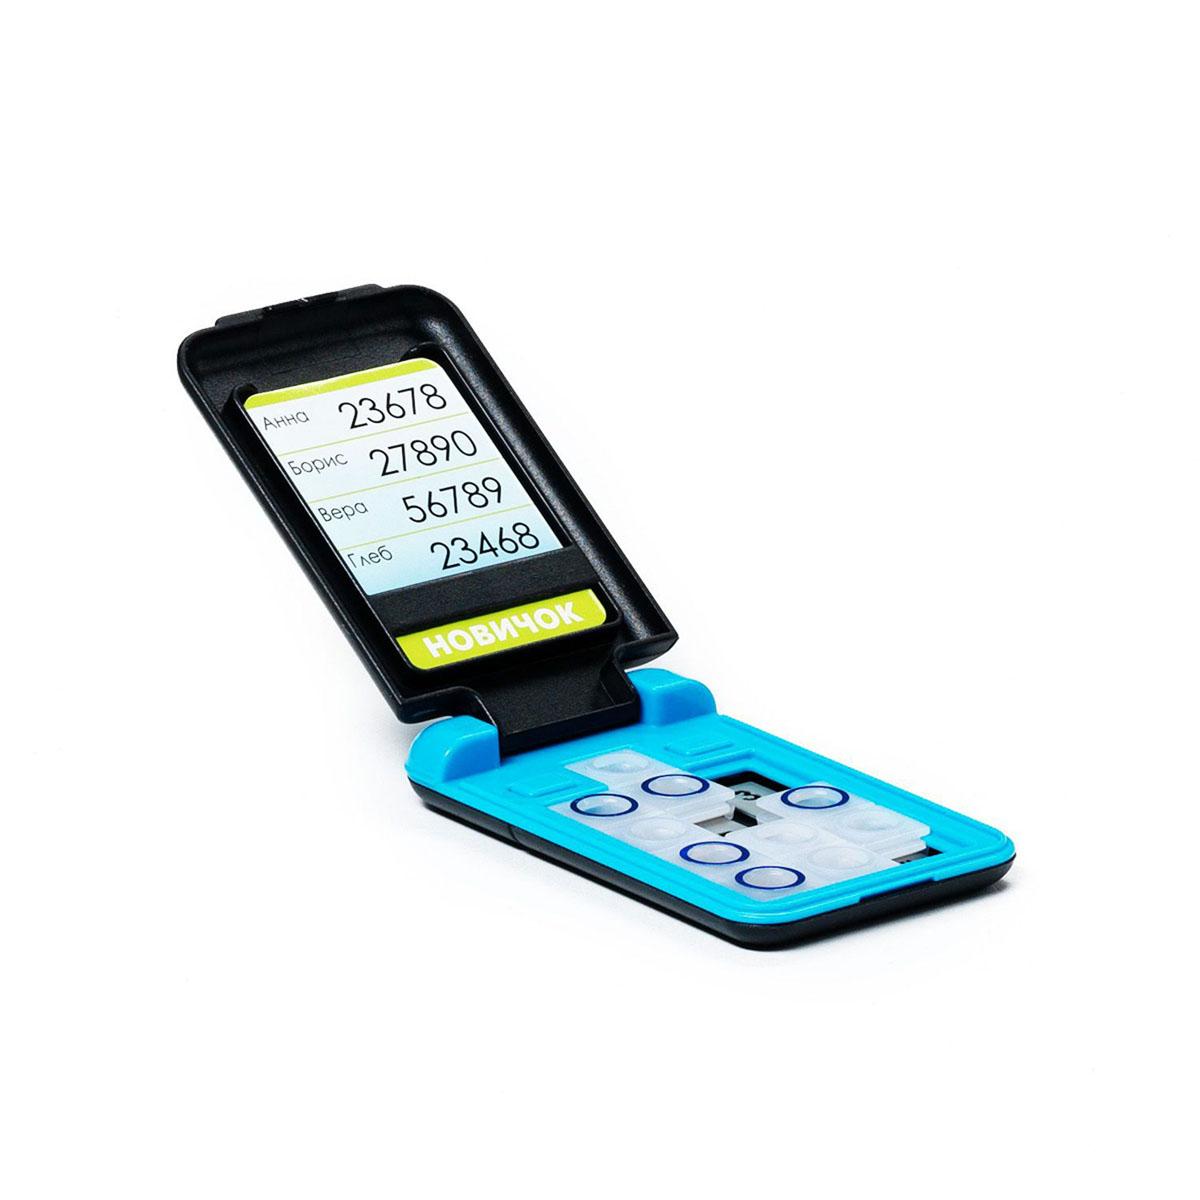 Bondibon Игра Смартфон цвет голубойВВ0843Самый доступный и совершенно безопасный, яркий и модный персональный смартфон, не требующий подзарядки и обновления программного обеспечения принесет удовольствие как ребенку, так и взрослому. Кому позвоним по новому смартфону? Компактный продуманный дизайн позволит не отвлекаться от игры даже в стесненных дорожных условиях. Карточка с заданиями помещается во внутреннее отделение дисплея «смартфона». Кнопки на клавиатуре игры необходимо перемещать таким образом, чтобы все цифры из задания стали видны сквозь отверстия на кнопках. Игрушка с заданиями от простых - для семилетних малышей, до сложных - для опытных любителей логических головоломок. Увлекательная игра скрасит время вынужденного ожидания и длительного путешествия. Характеристики: Материал: пластик. Количество игроков: от 1. Размер упаковки: 25 см х 11,9 см х 7 см. Изготовитель: Китай.